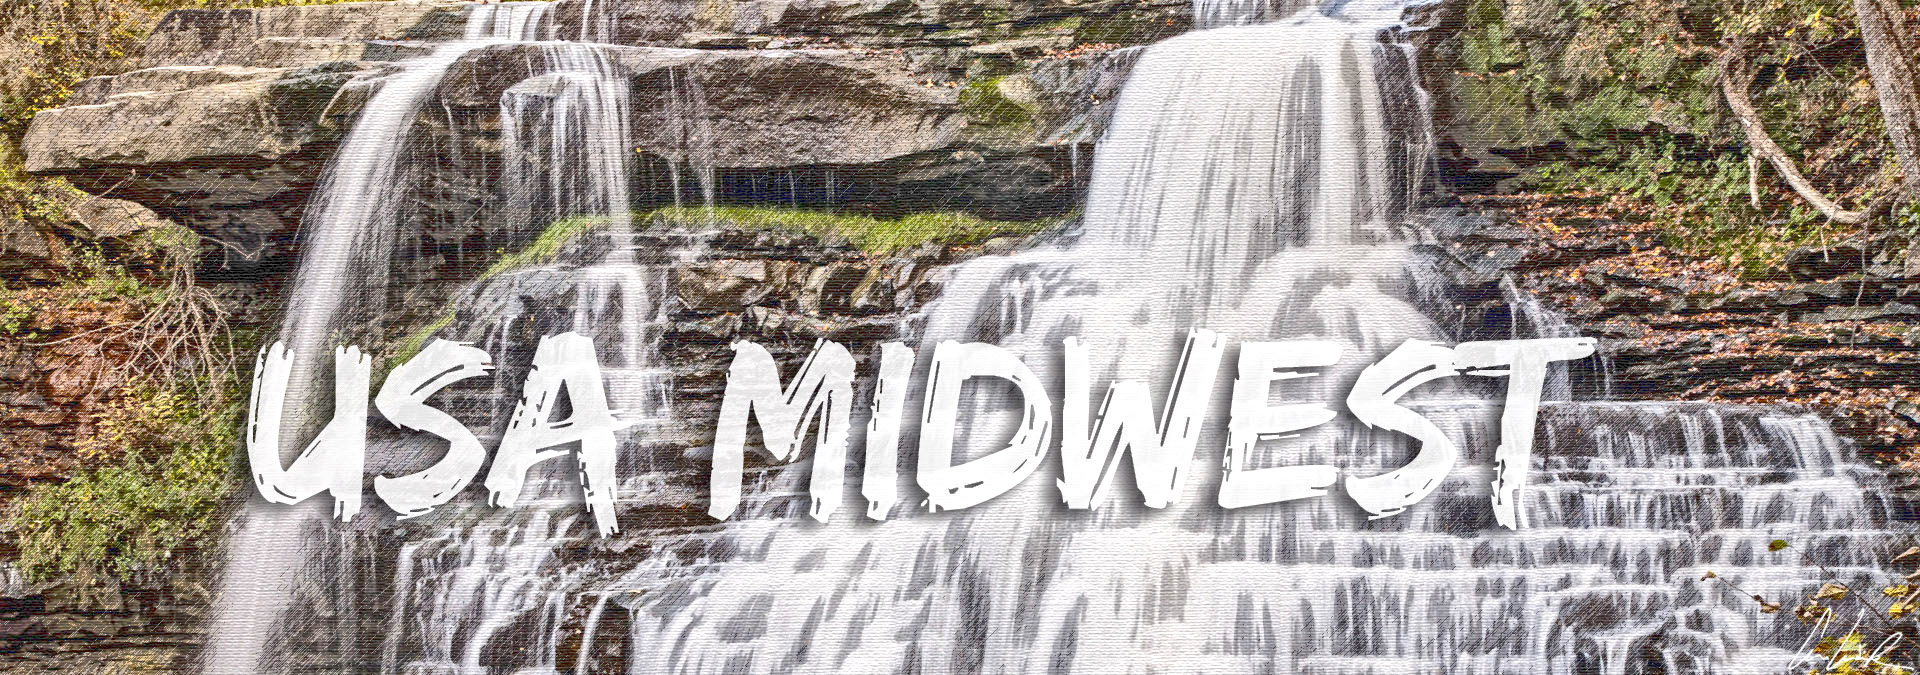 C-Ludik - Région visitée : USA Midwest